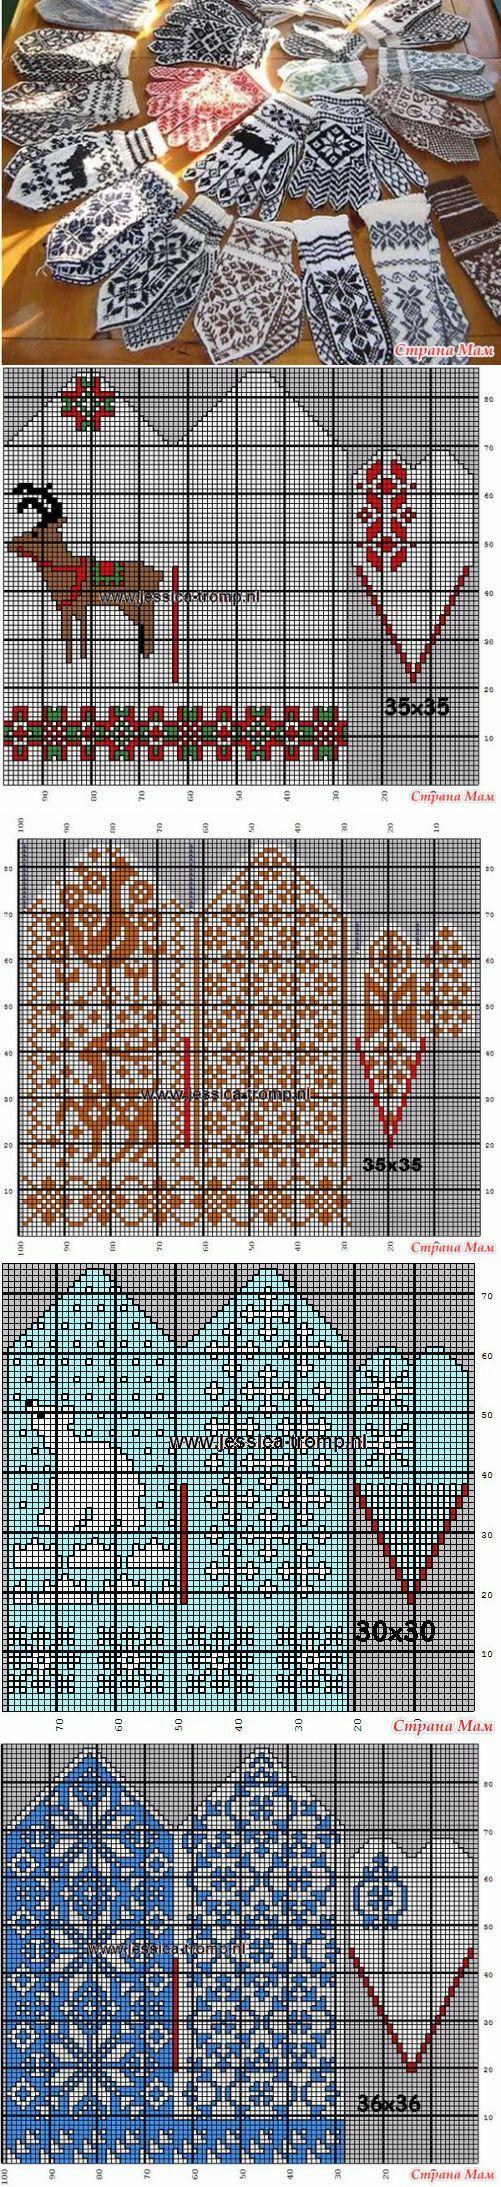 Жакардовые узоры для варежек - Вязание - Страна Мам